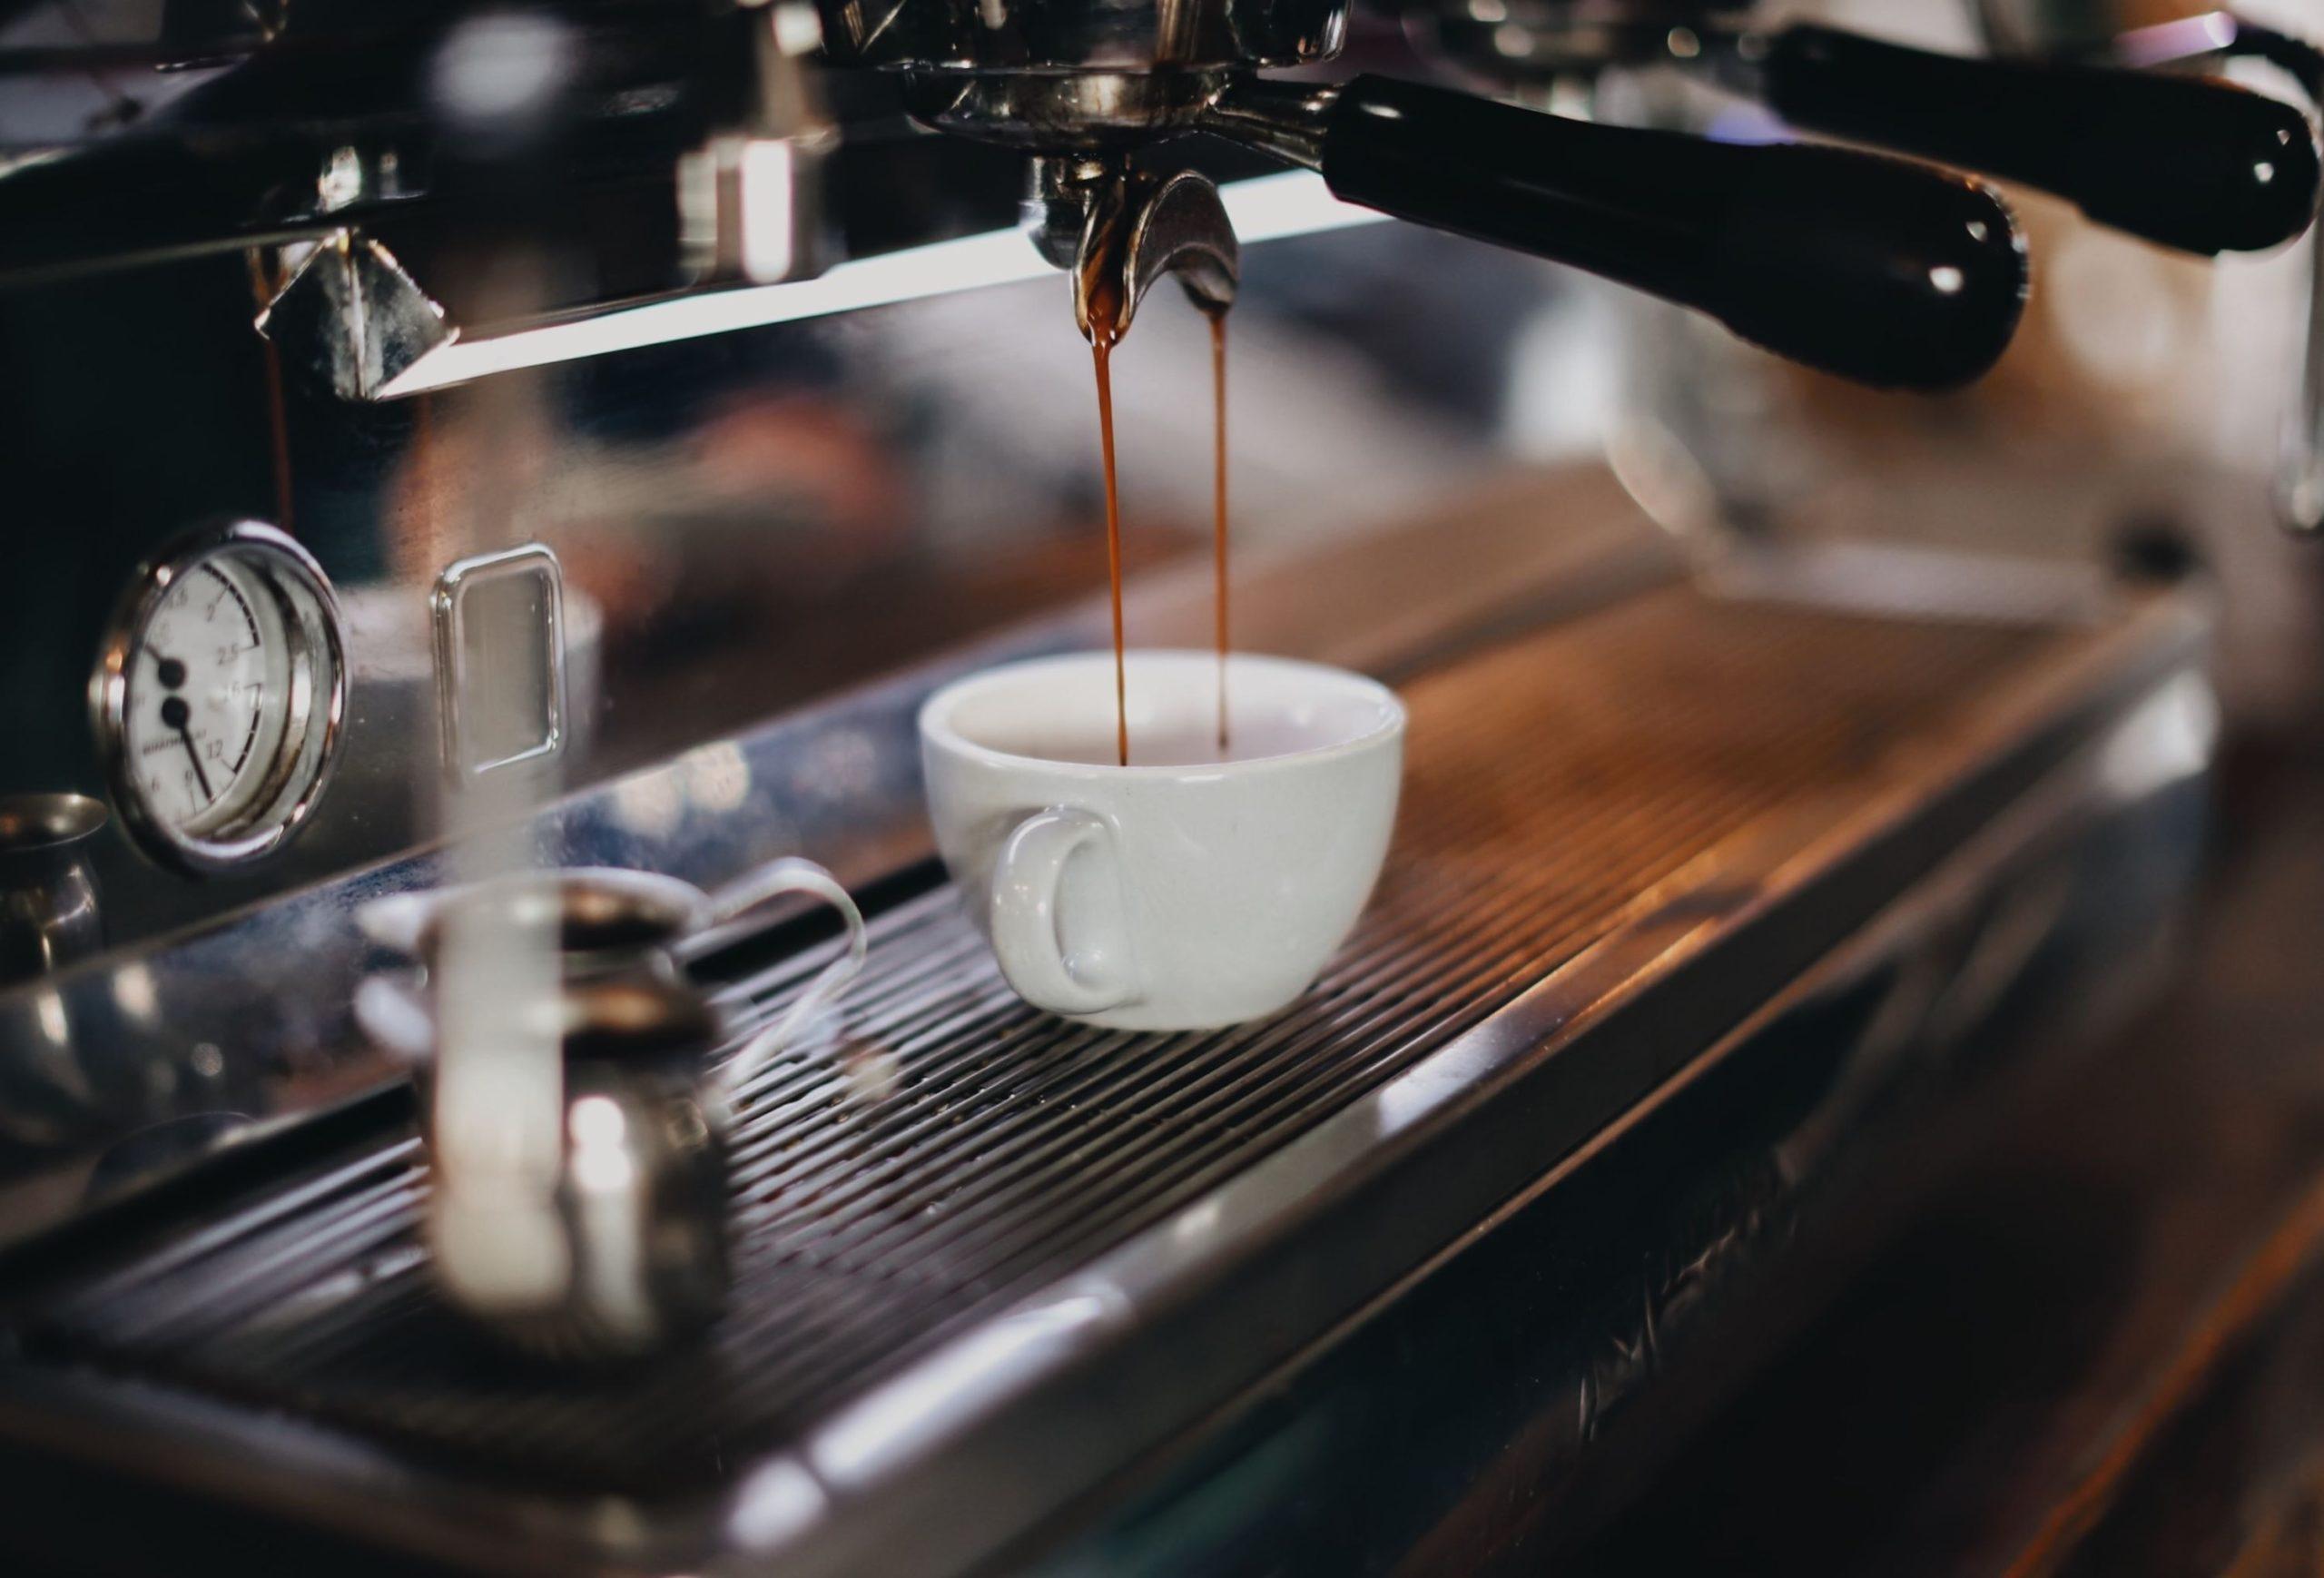 espresso pouring from machine into espresso mug